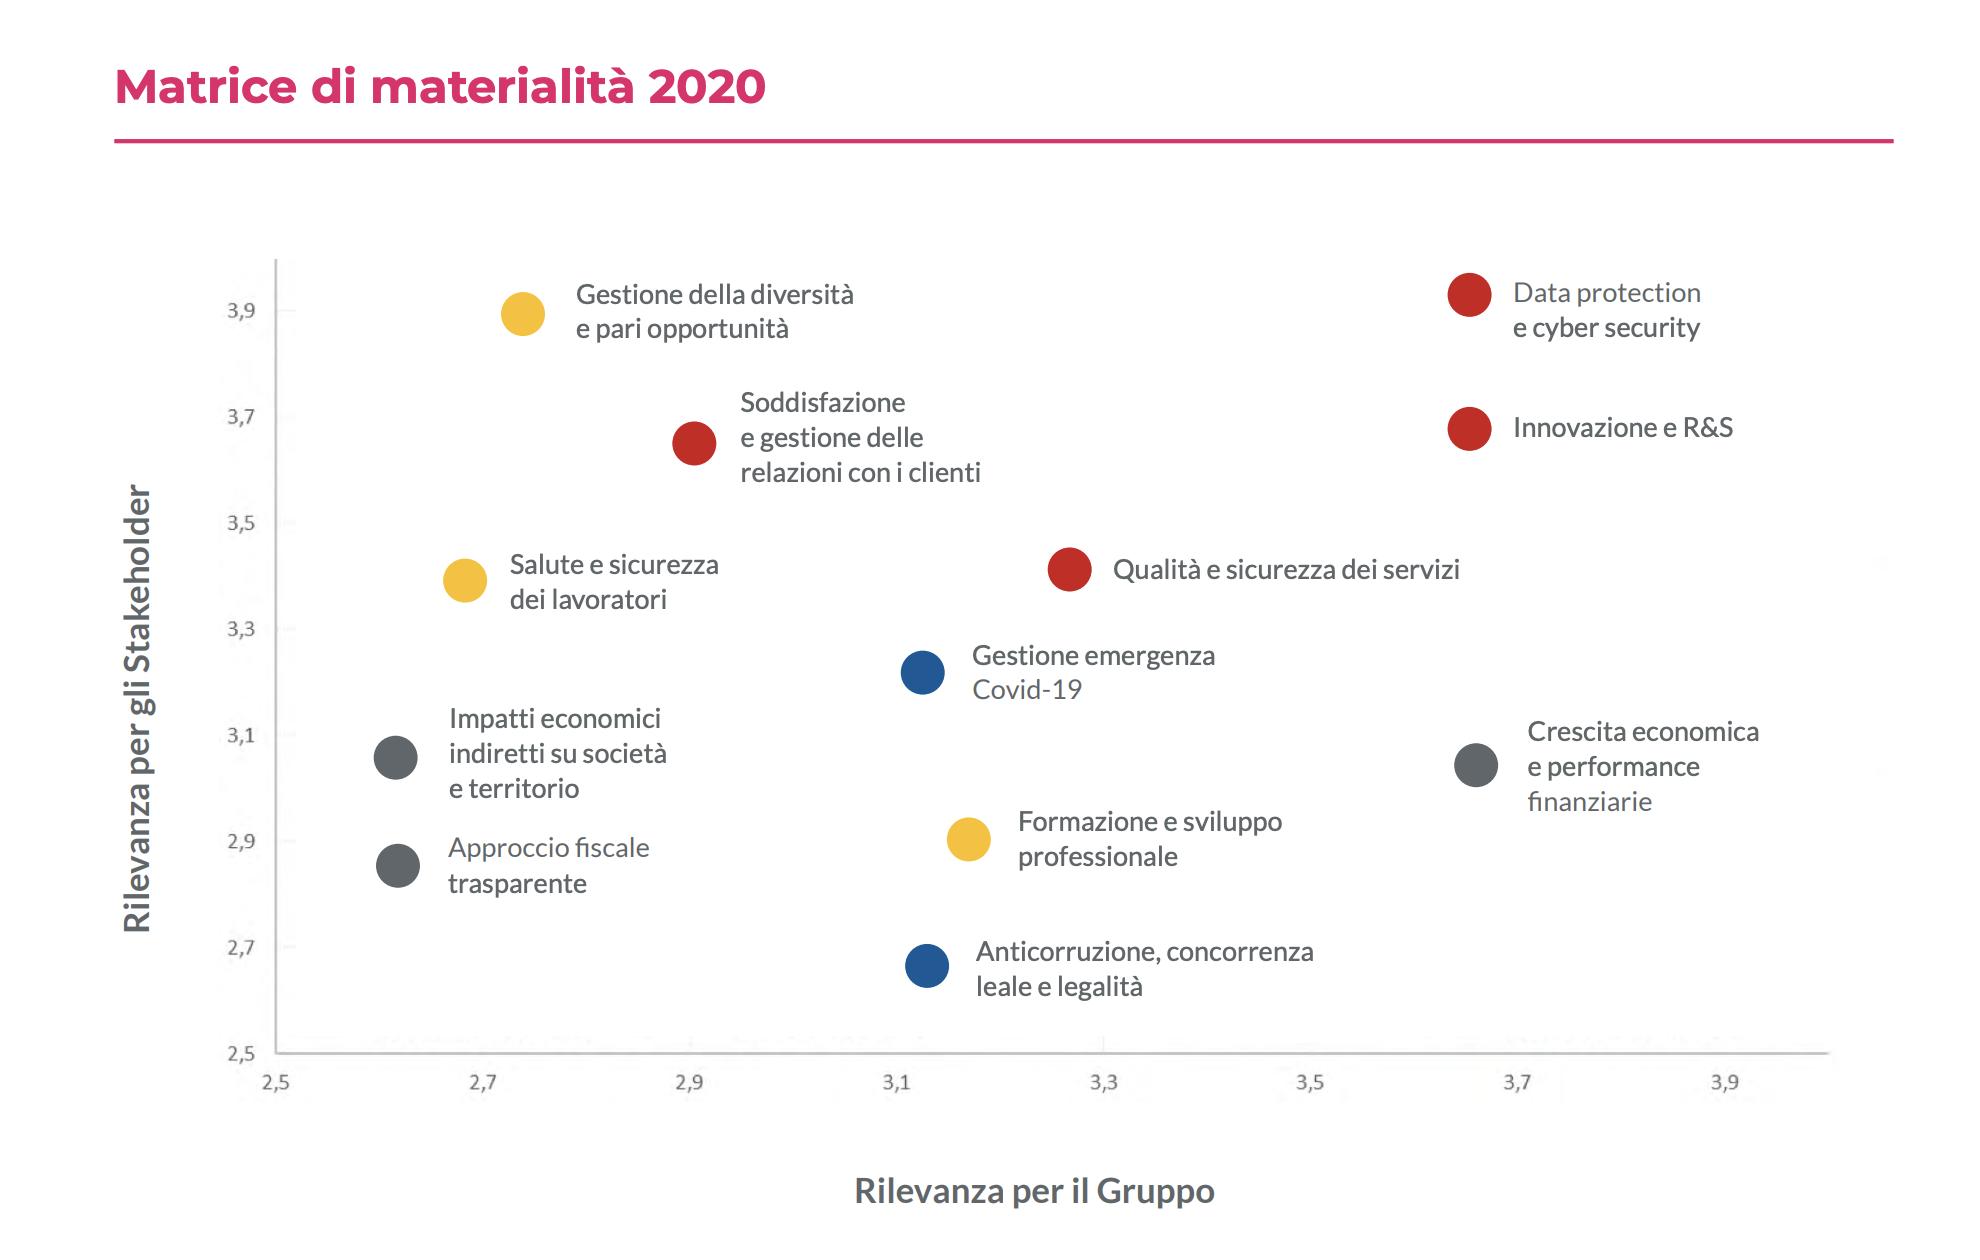 Matrice di materialità 2020